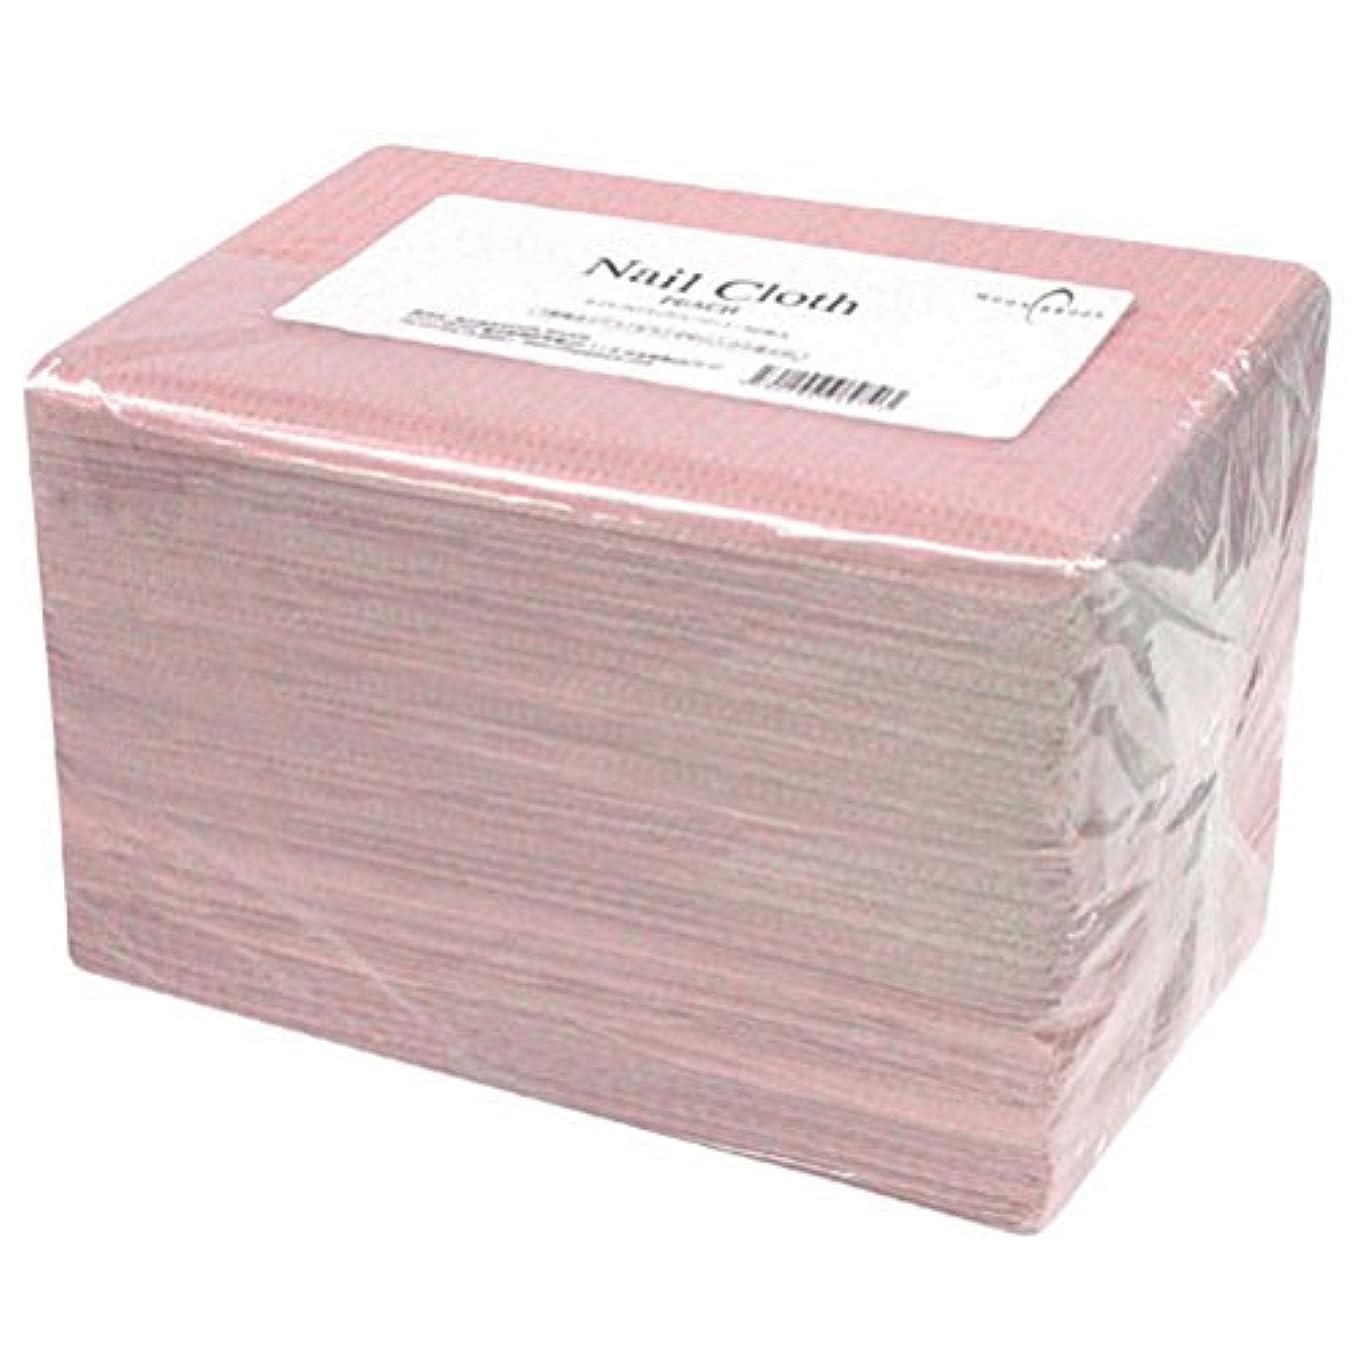 ブル用量信じられないCalgel ネイルクロス 50枚 ピーチ